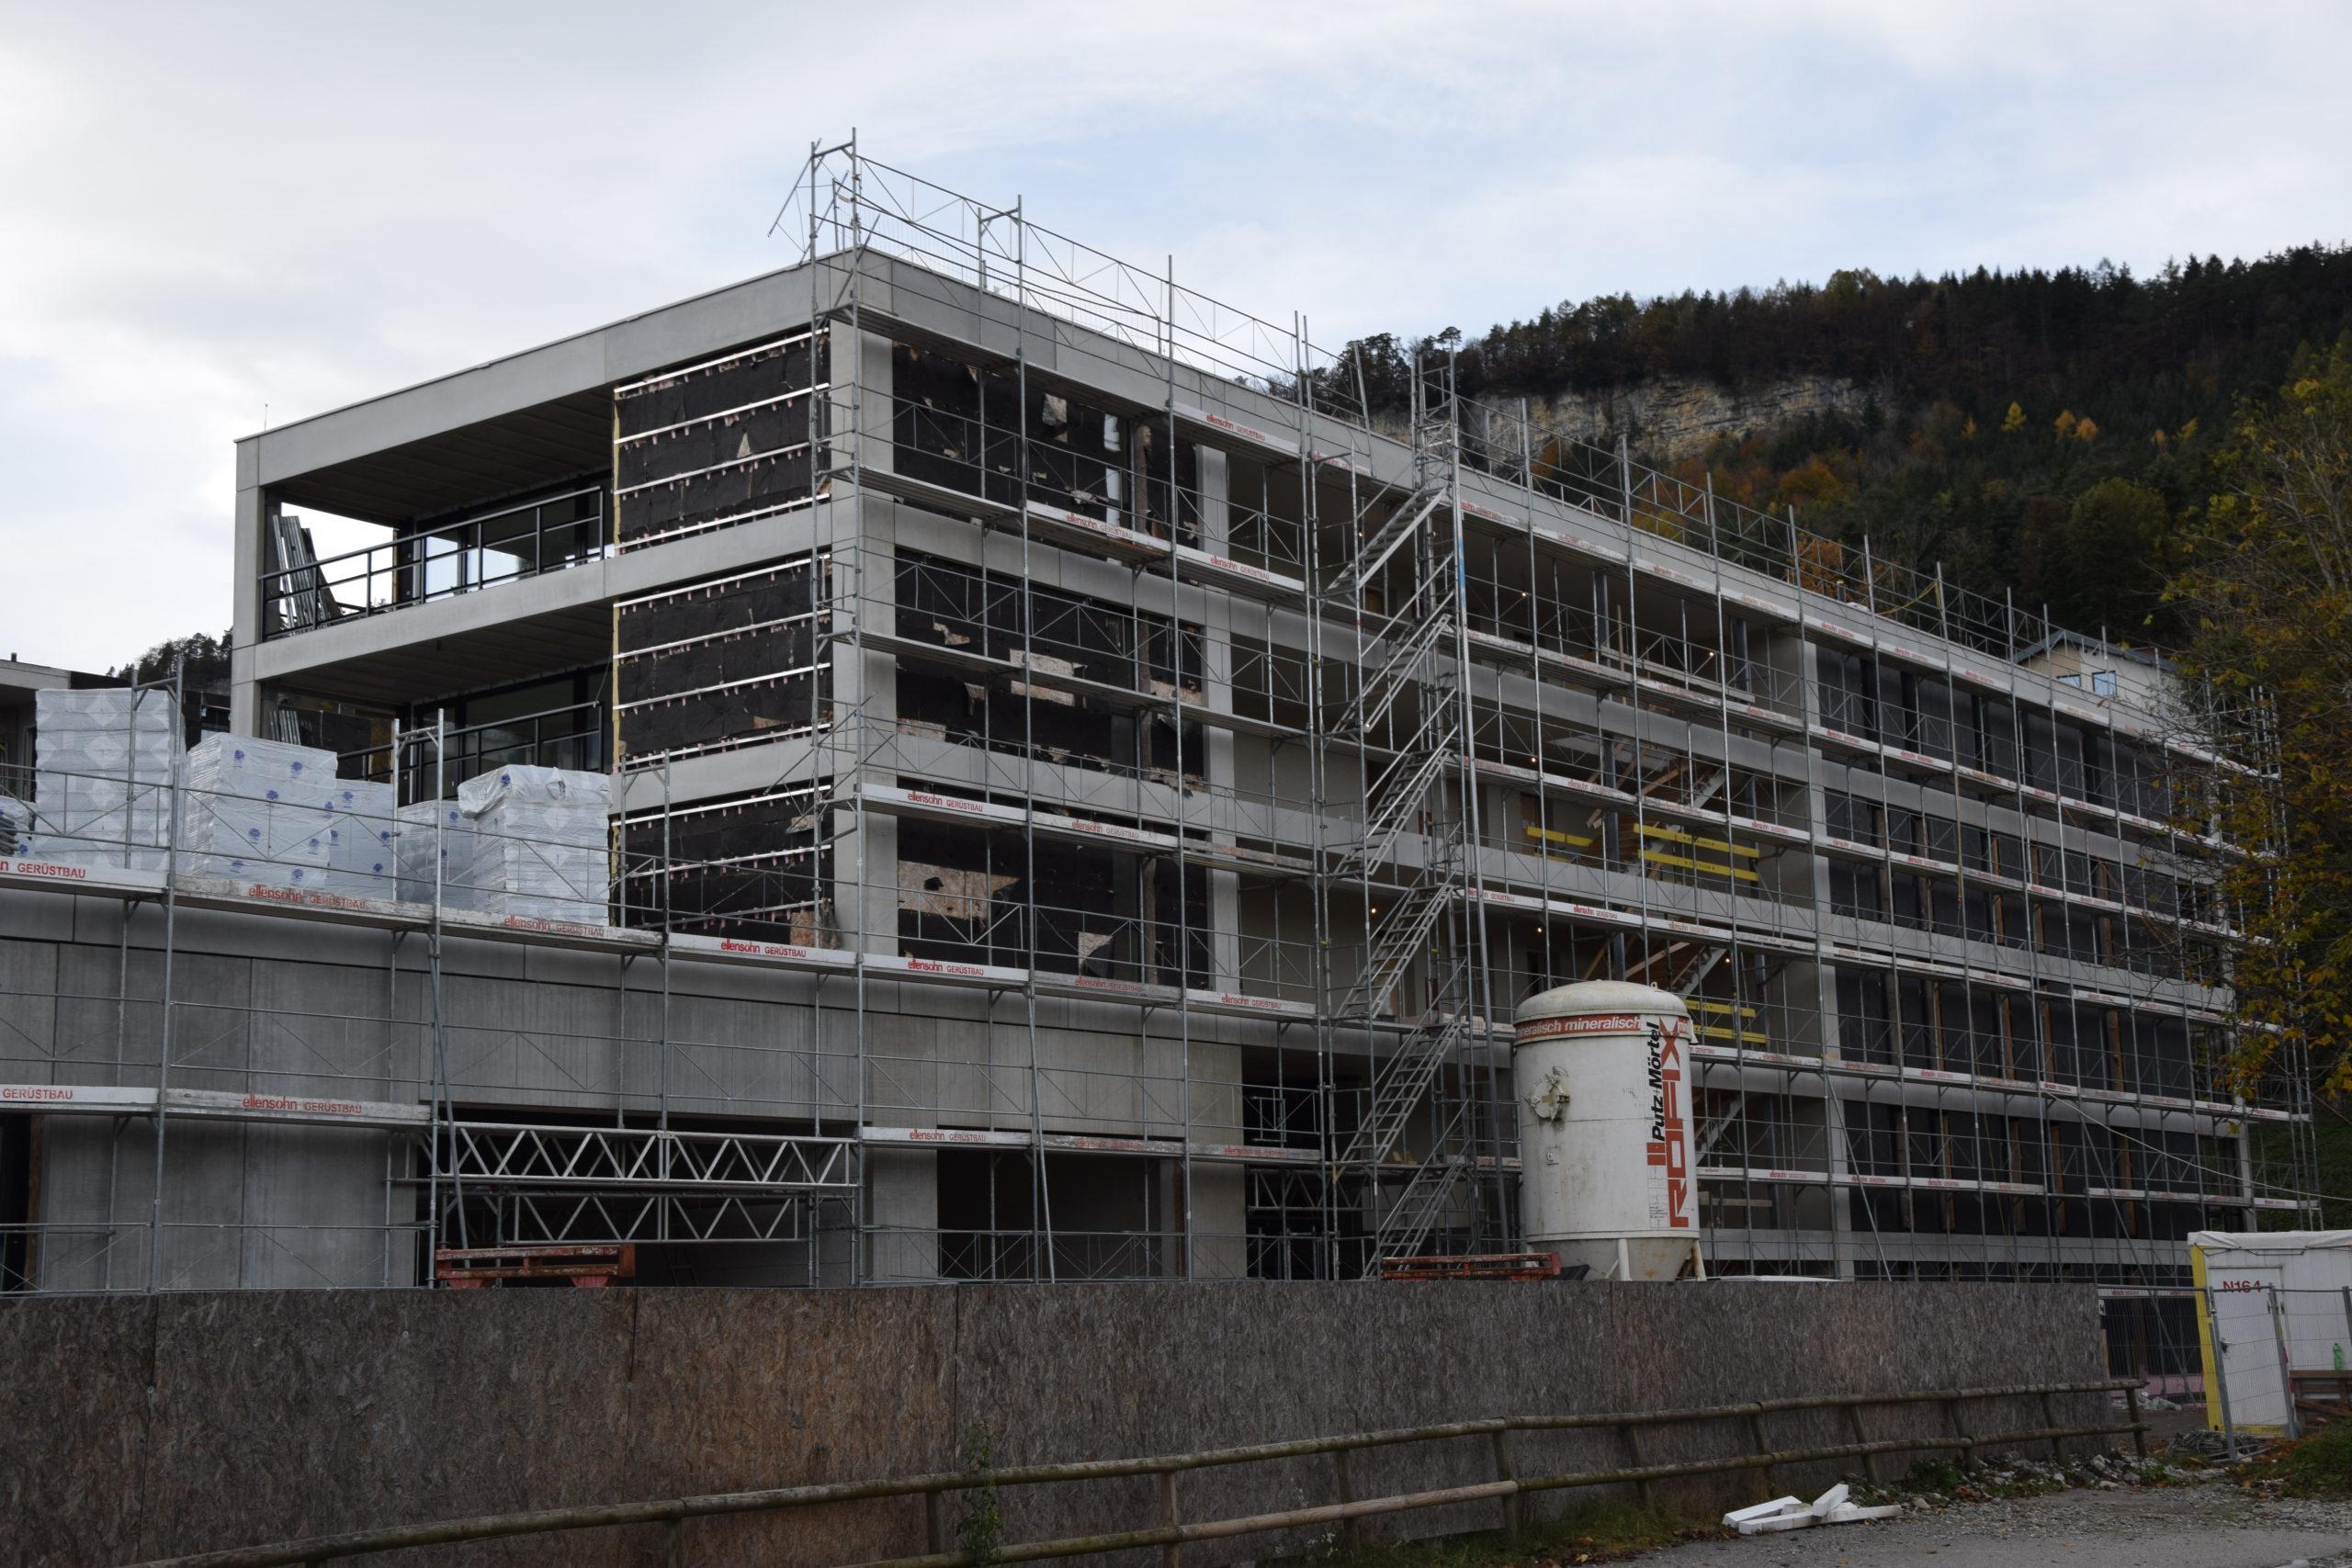 Apotheke in Tosters kann endlich gebaut werden